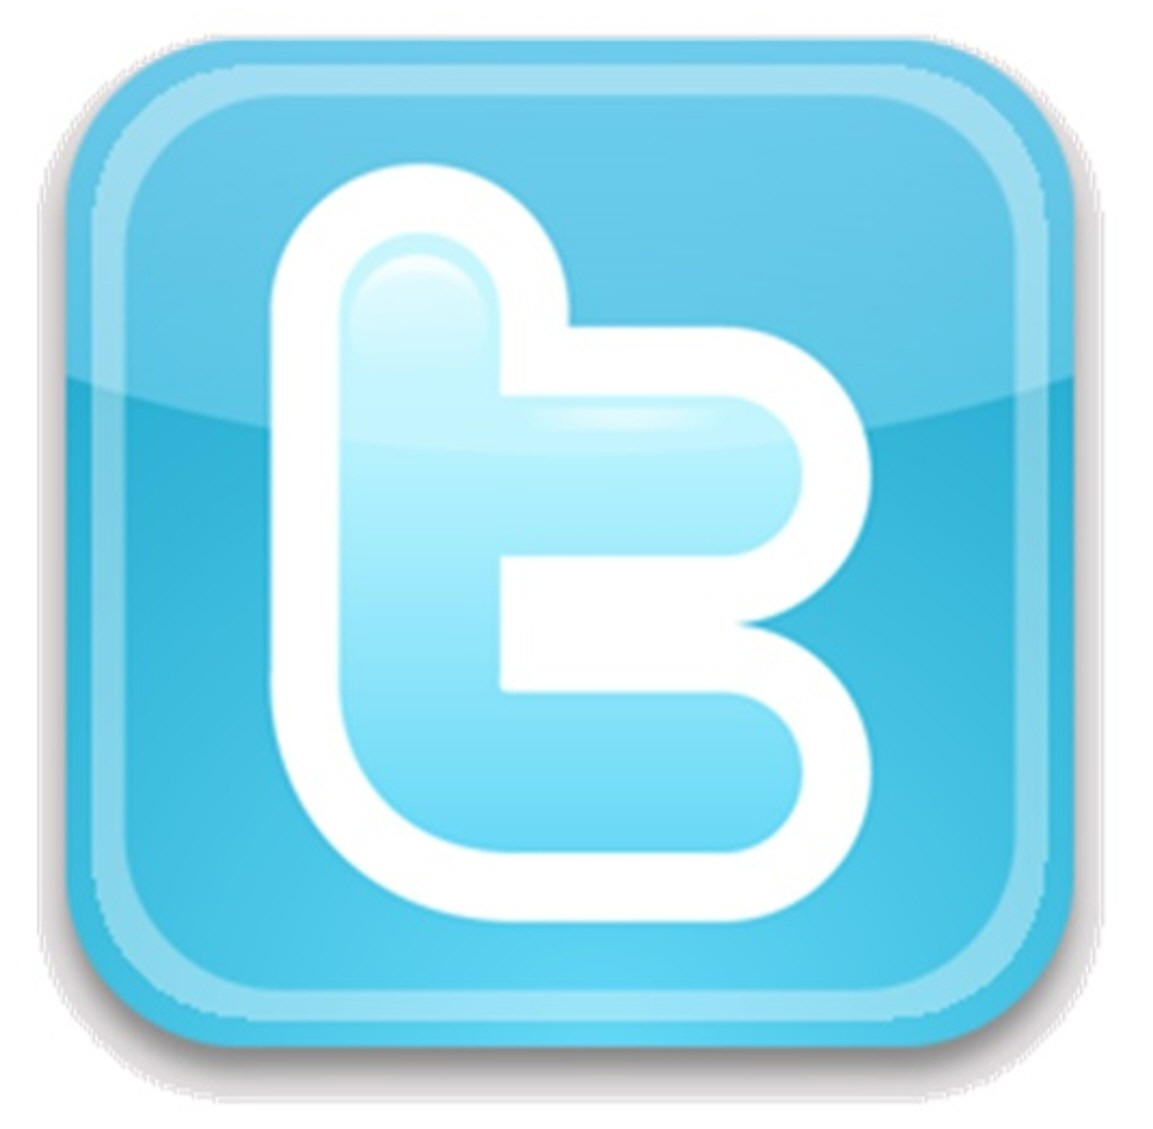 twitter logo » twitter logo